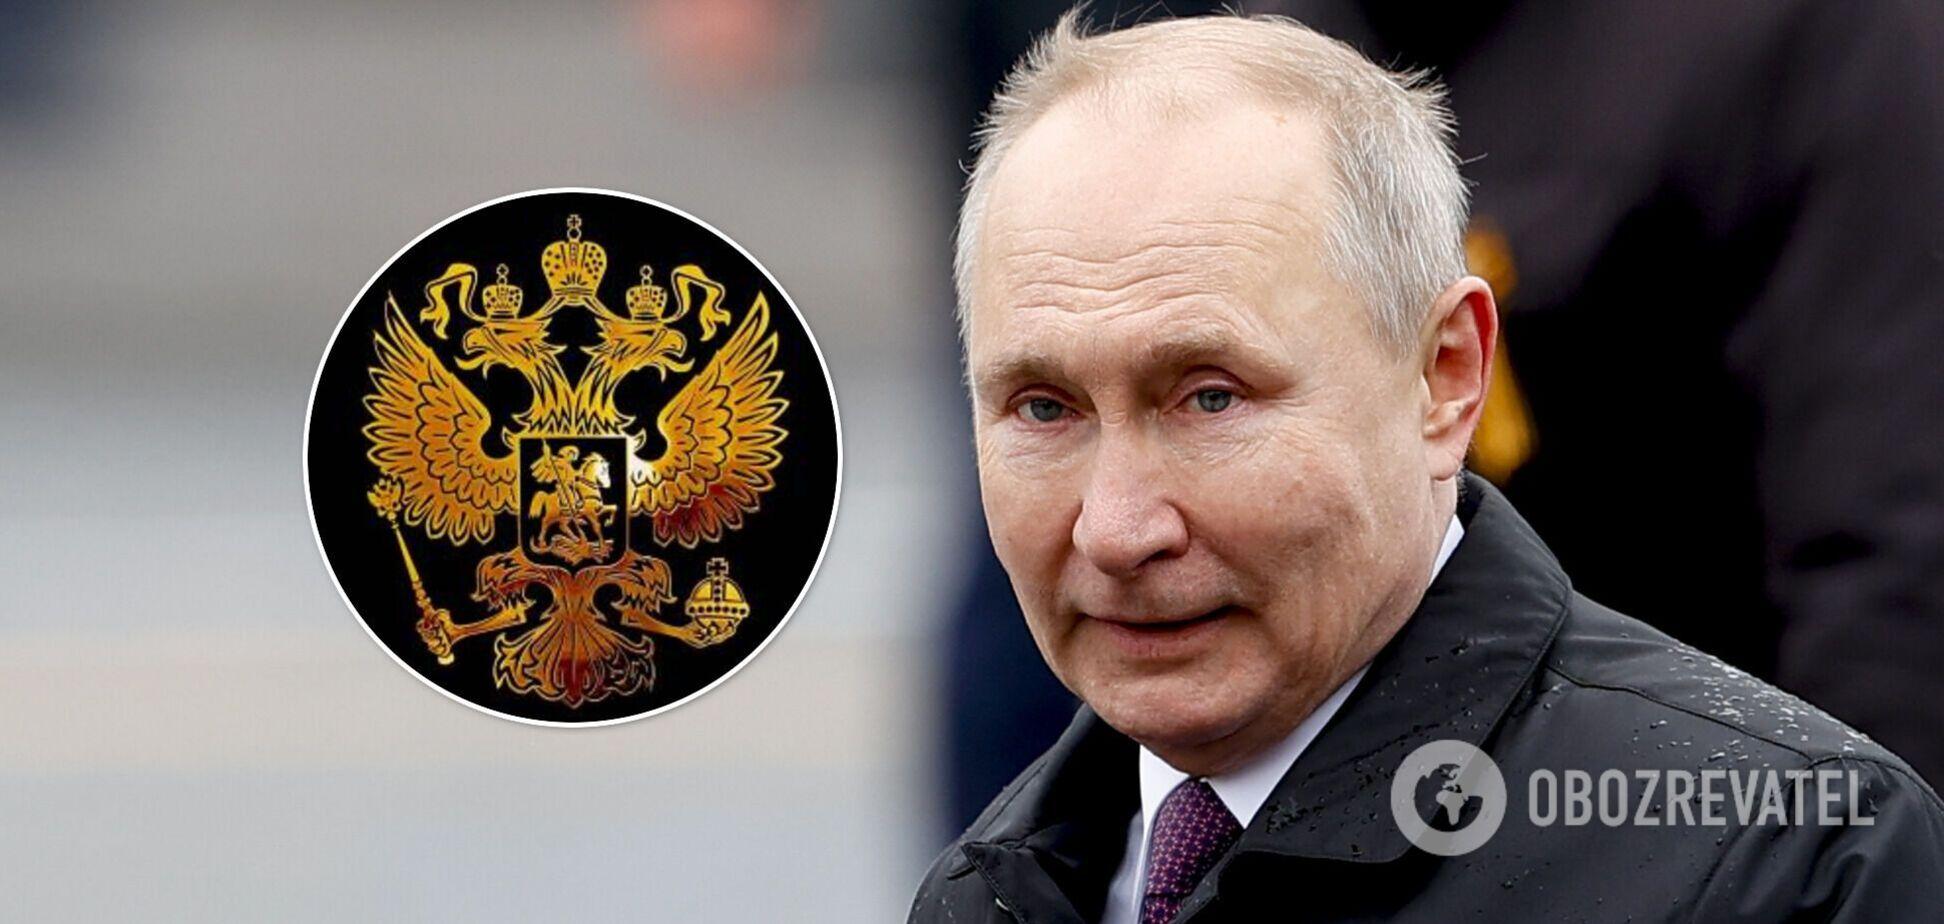 Явка с повинной российского диктатора